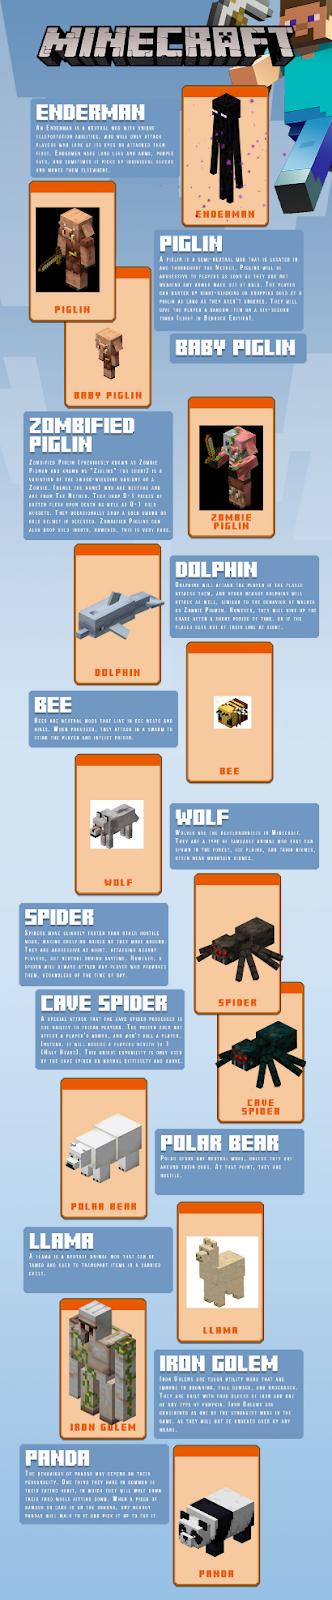 minecraft mobs wiki infographic